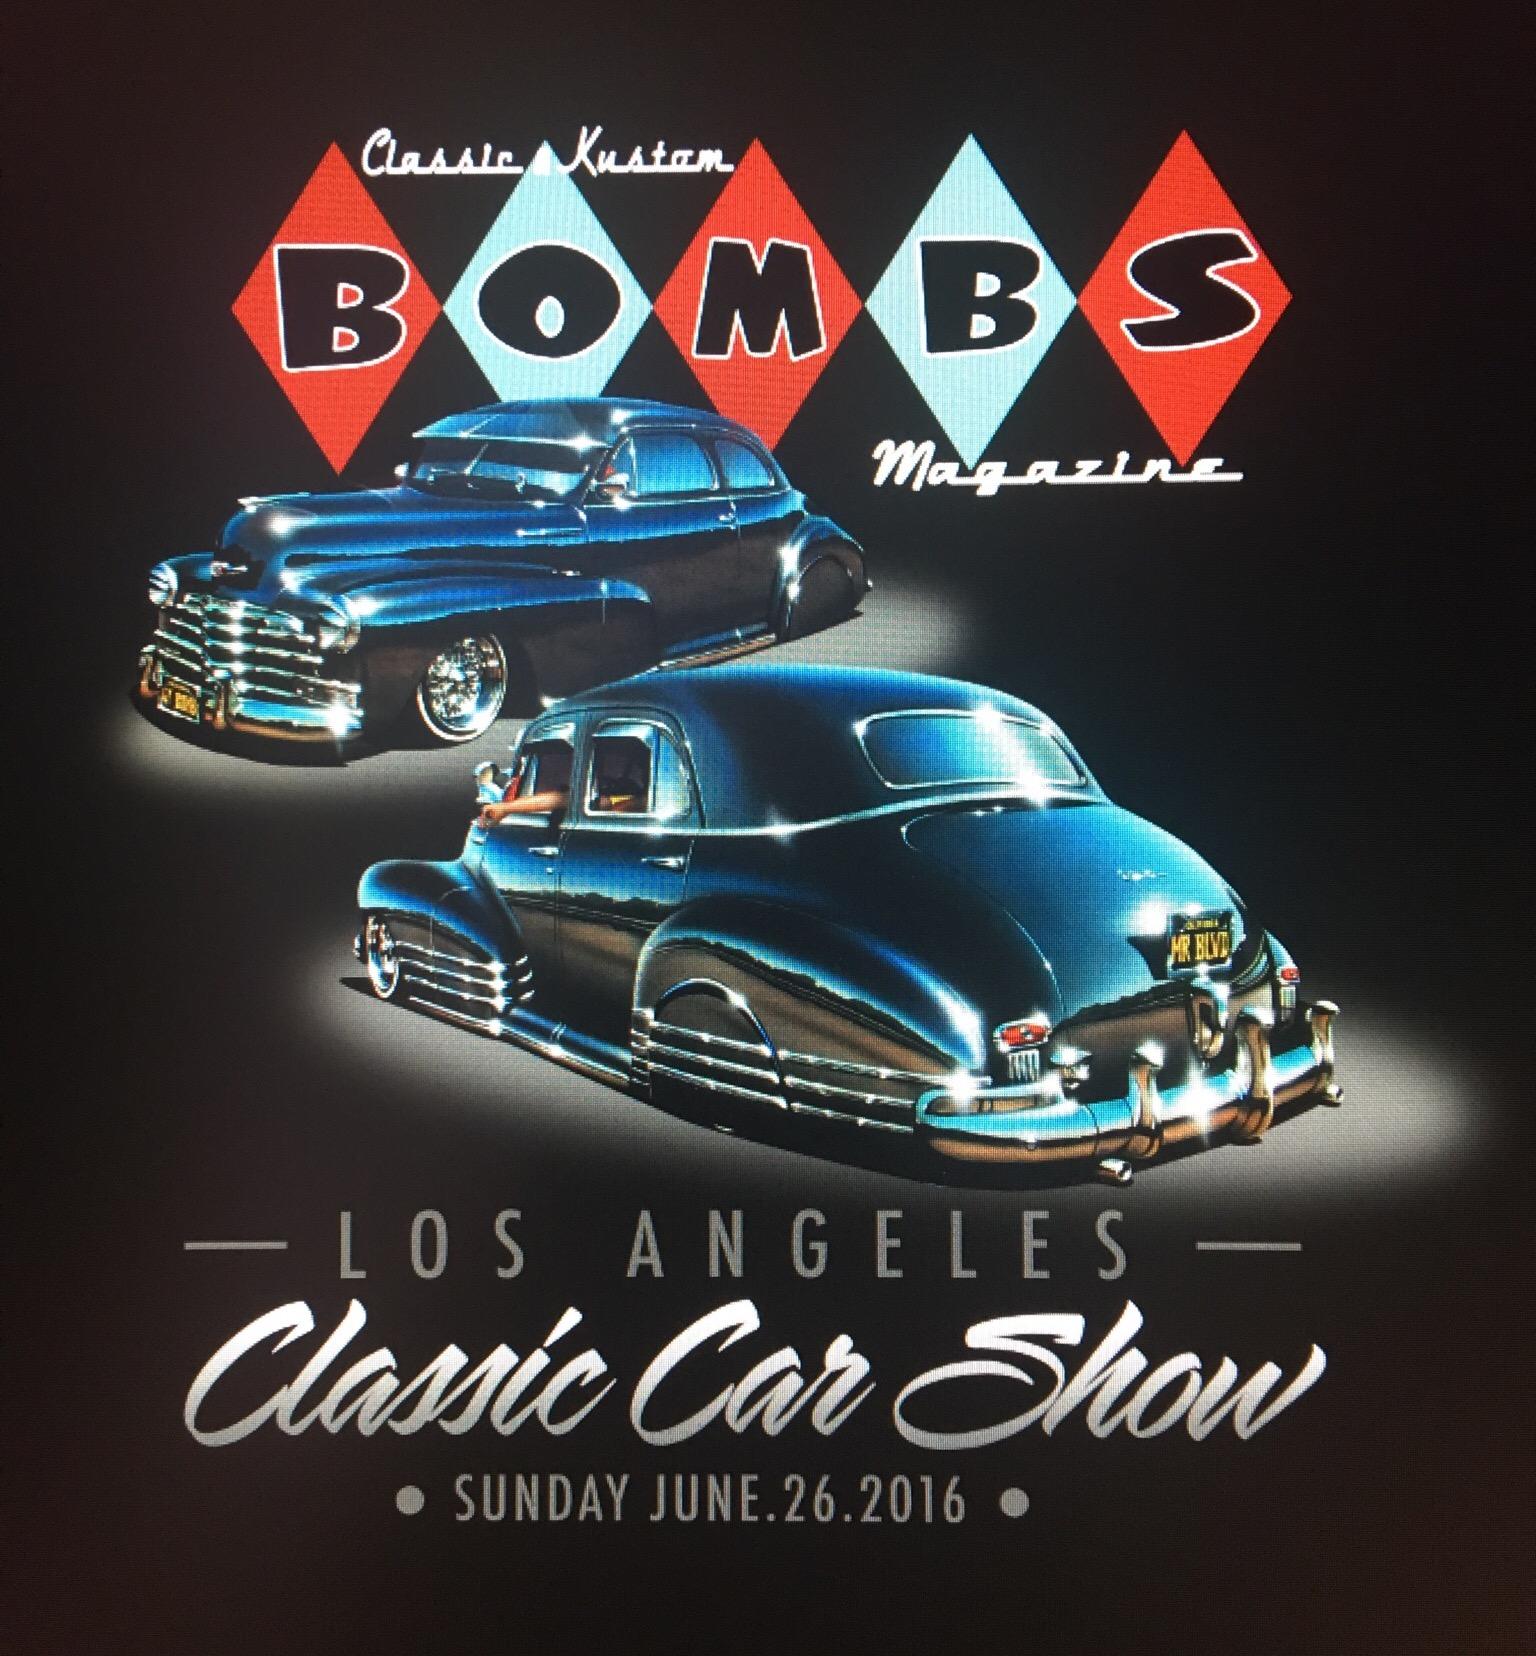 Bombs Magazine - Classic & Kustom Bombs Magazine